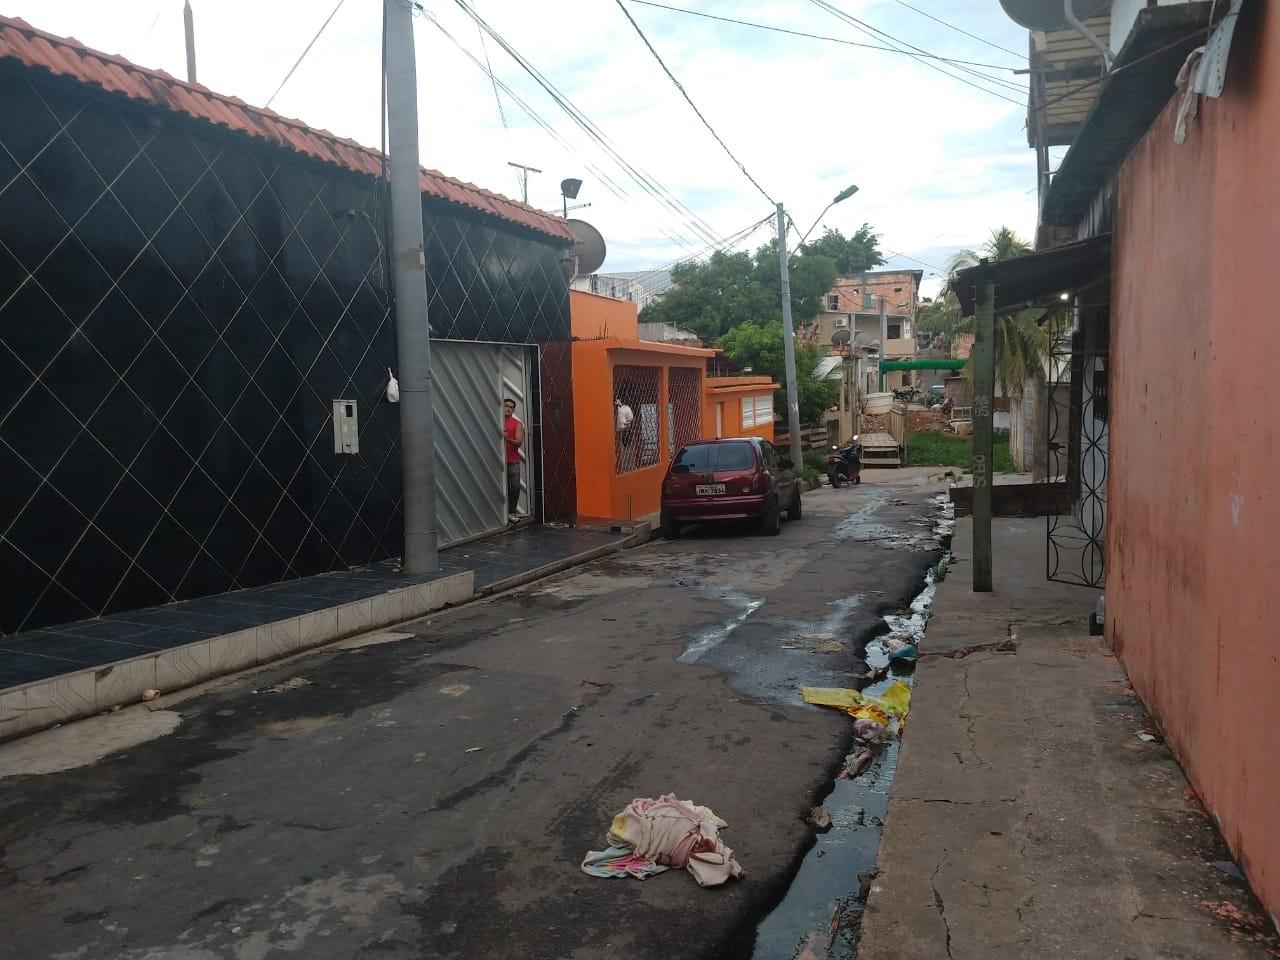 Adolescente é morto a tiros enquanto esperava amigo na calçada, em Manaus - Noticias